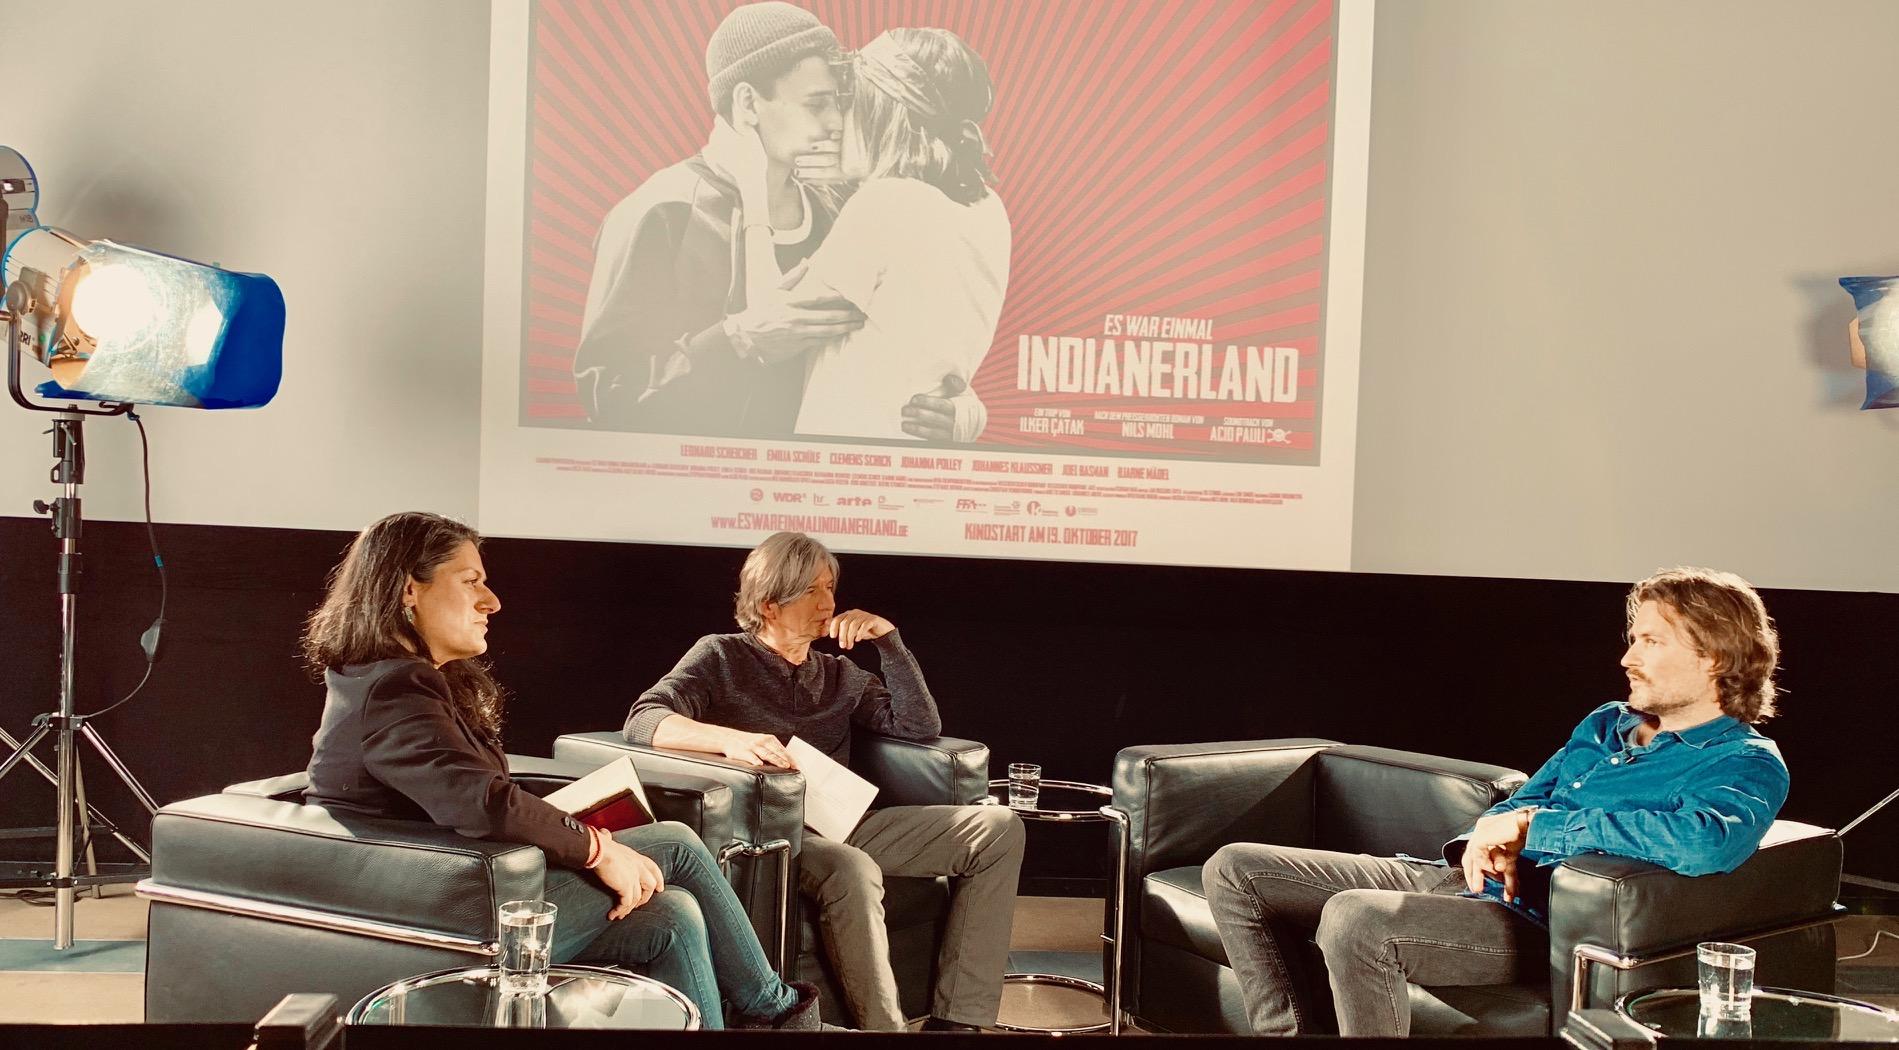 Masterclass Interview - Masterclass ist ein Projekt der Deutschen Filmakademie und der Filmuniversität Babelsberg Konrad Wolf. Das Gespräch führten Gergana Voigt und Peter Adam.